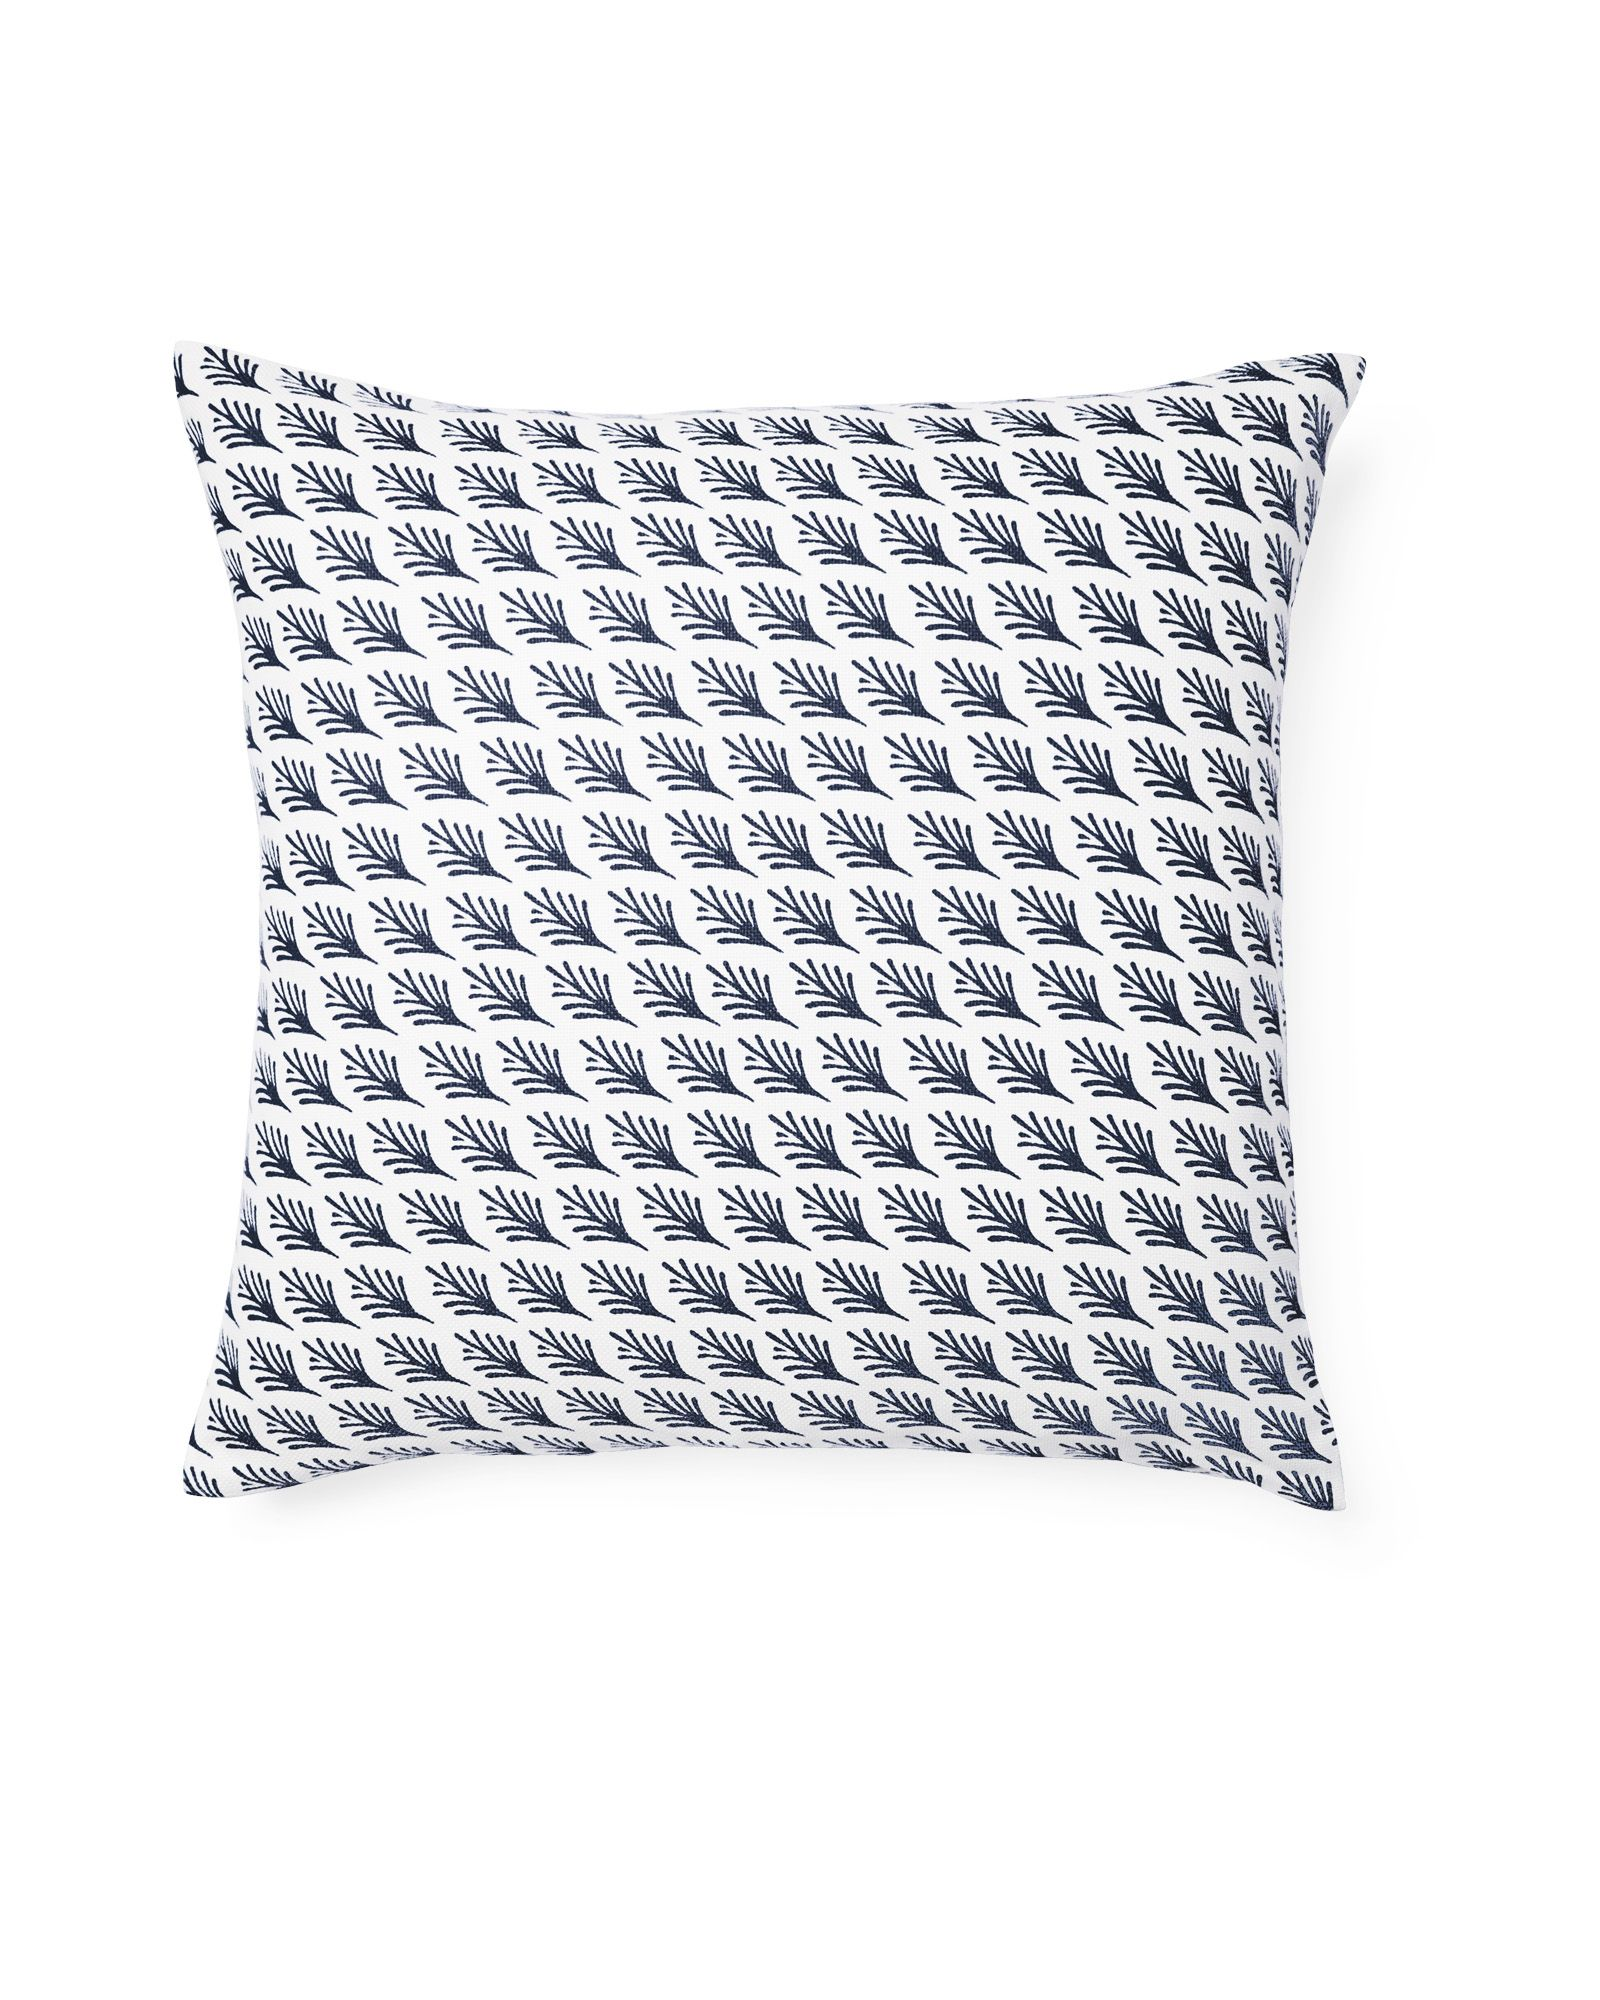 Captiva Outdoor Pillow Cover Outdoor Pillow Covers Outdoor Pillows Pillow Covers